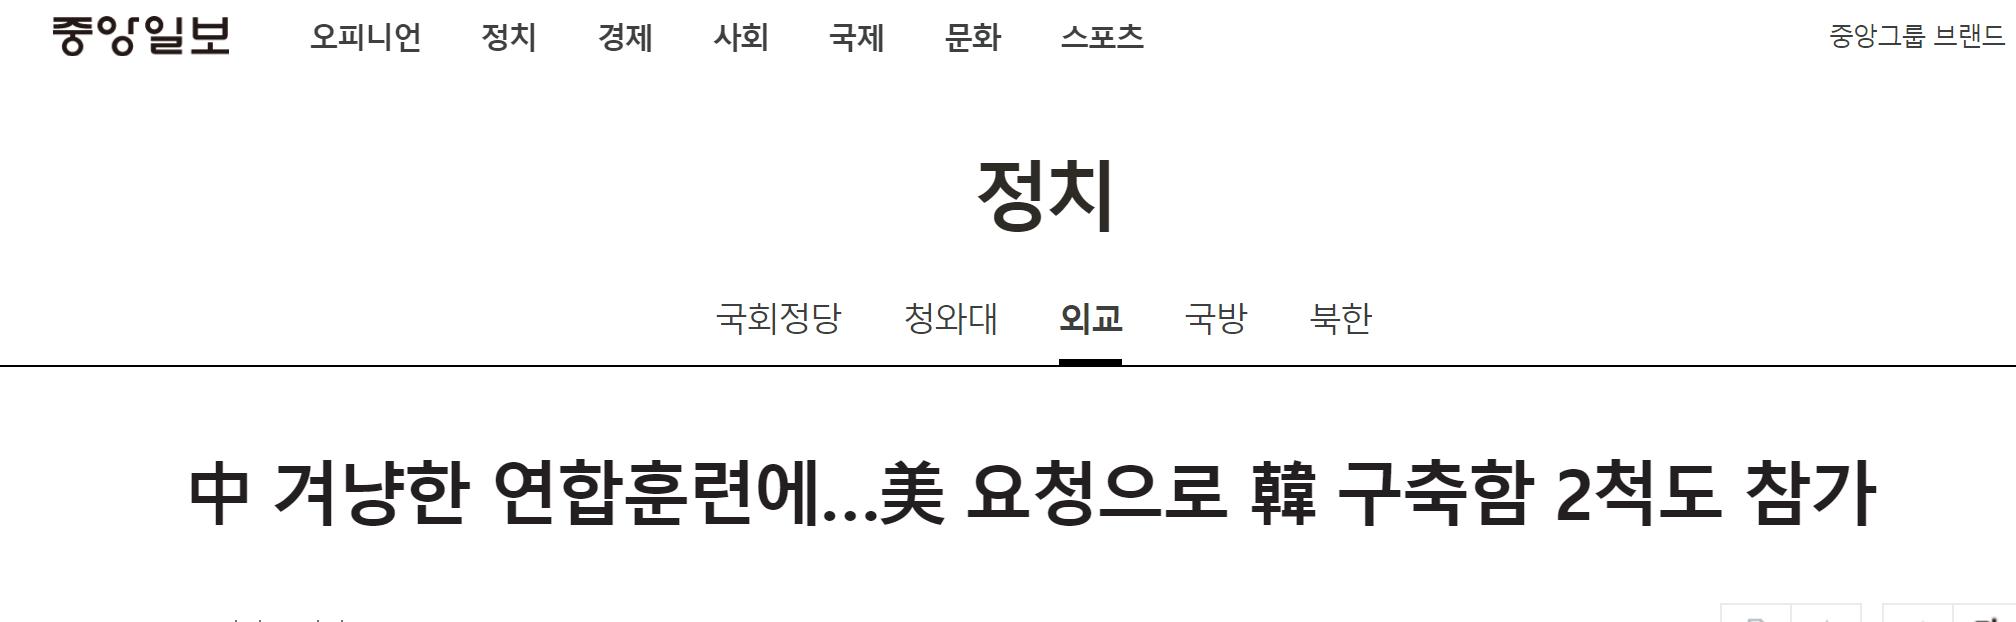 美日韩澳本周末举行海上联合演习,韩媒解读又扯中国